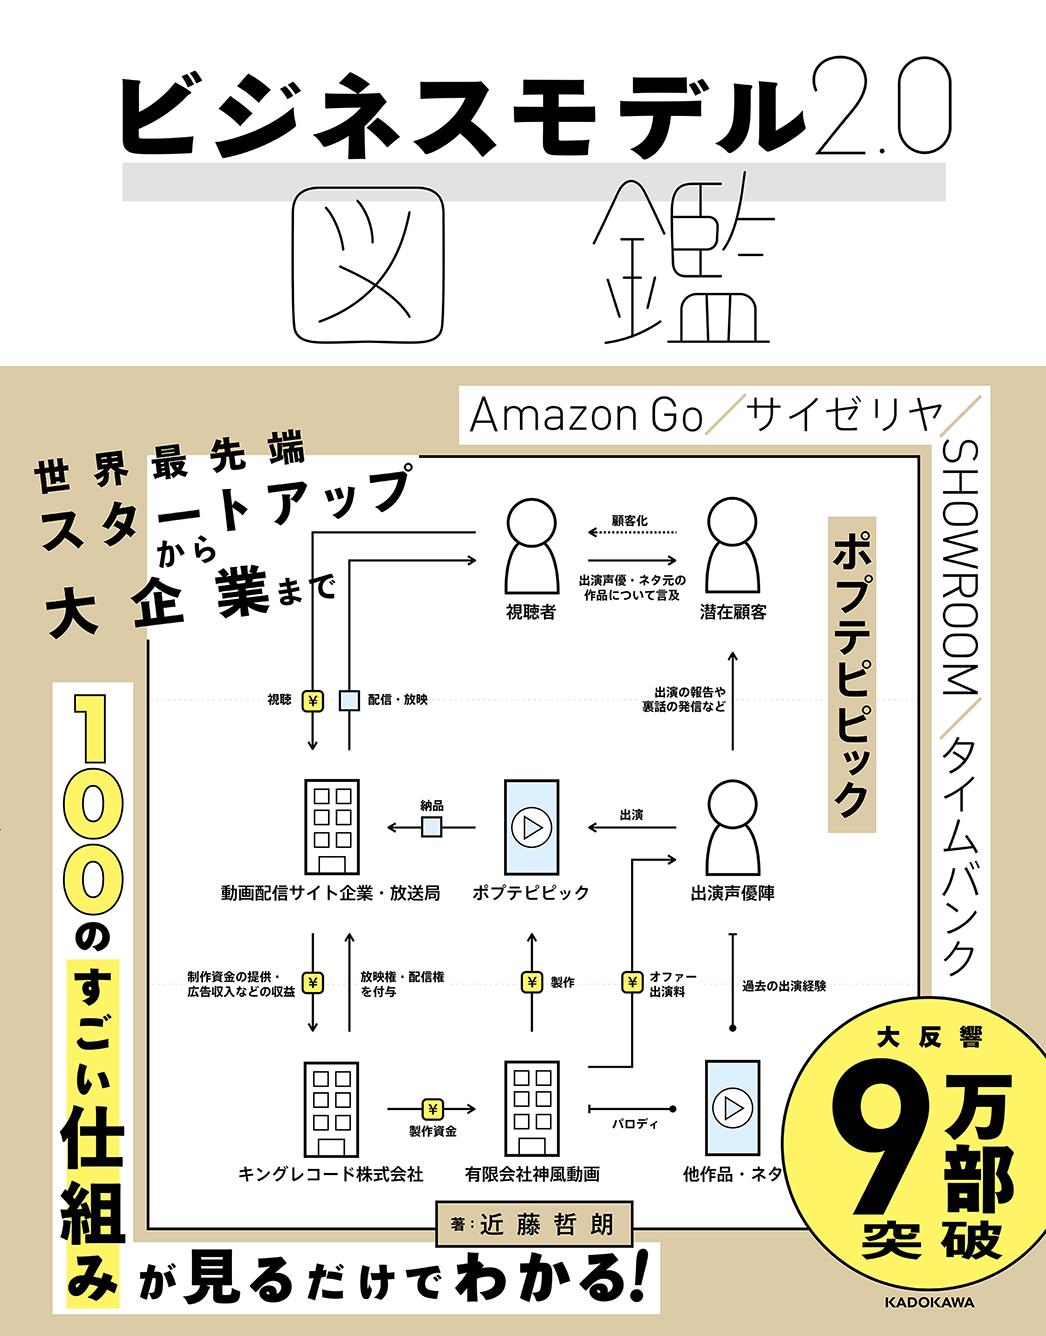 ビジネスモデル2.0図鑑 2,808円